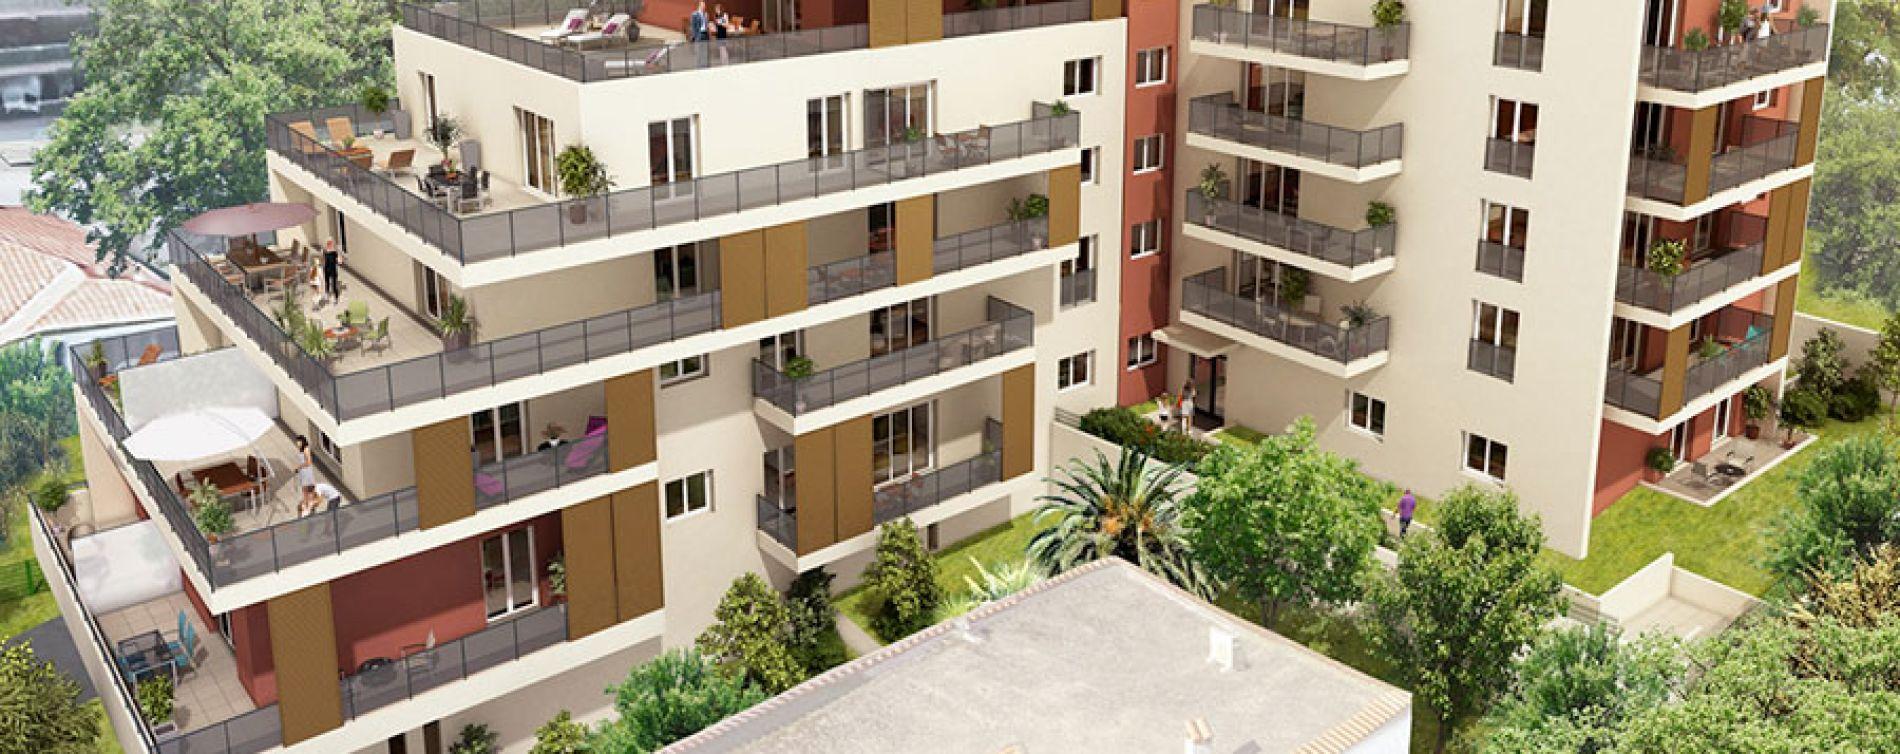 Cagnes-sur-Mer : programme immobilier neuve « Florazur »